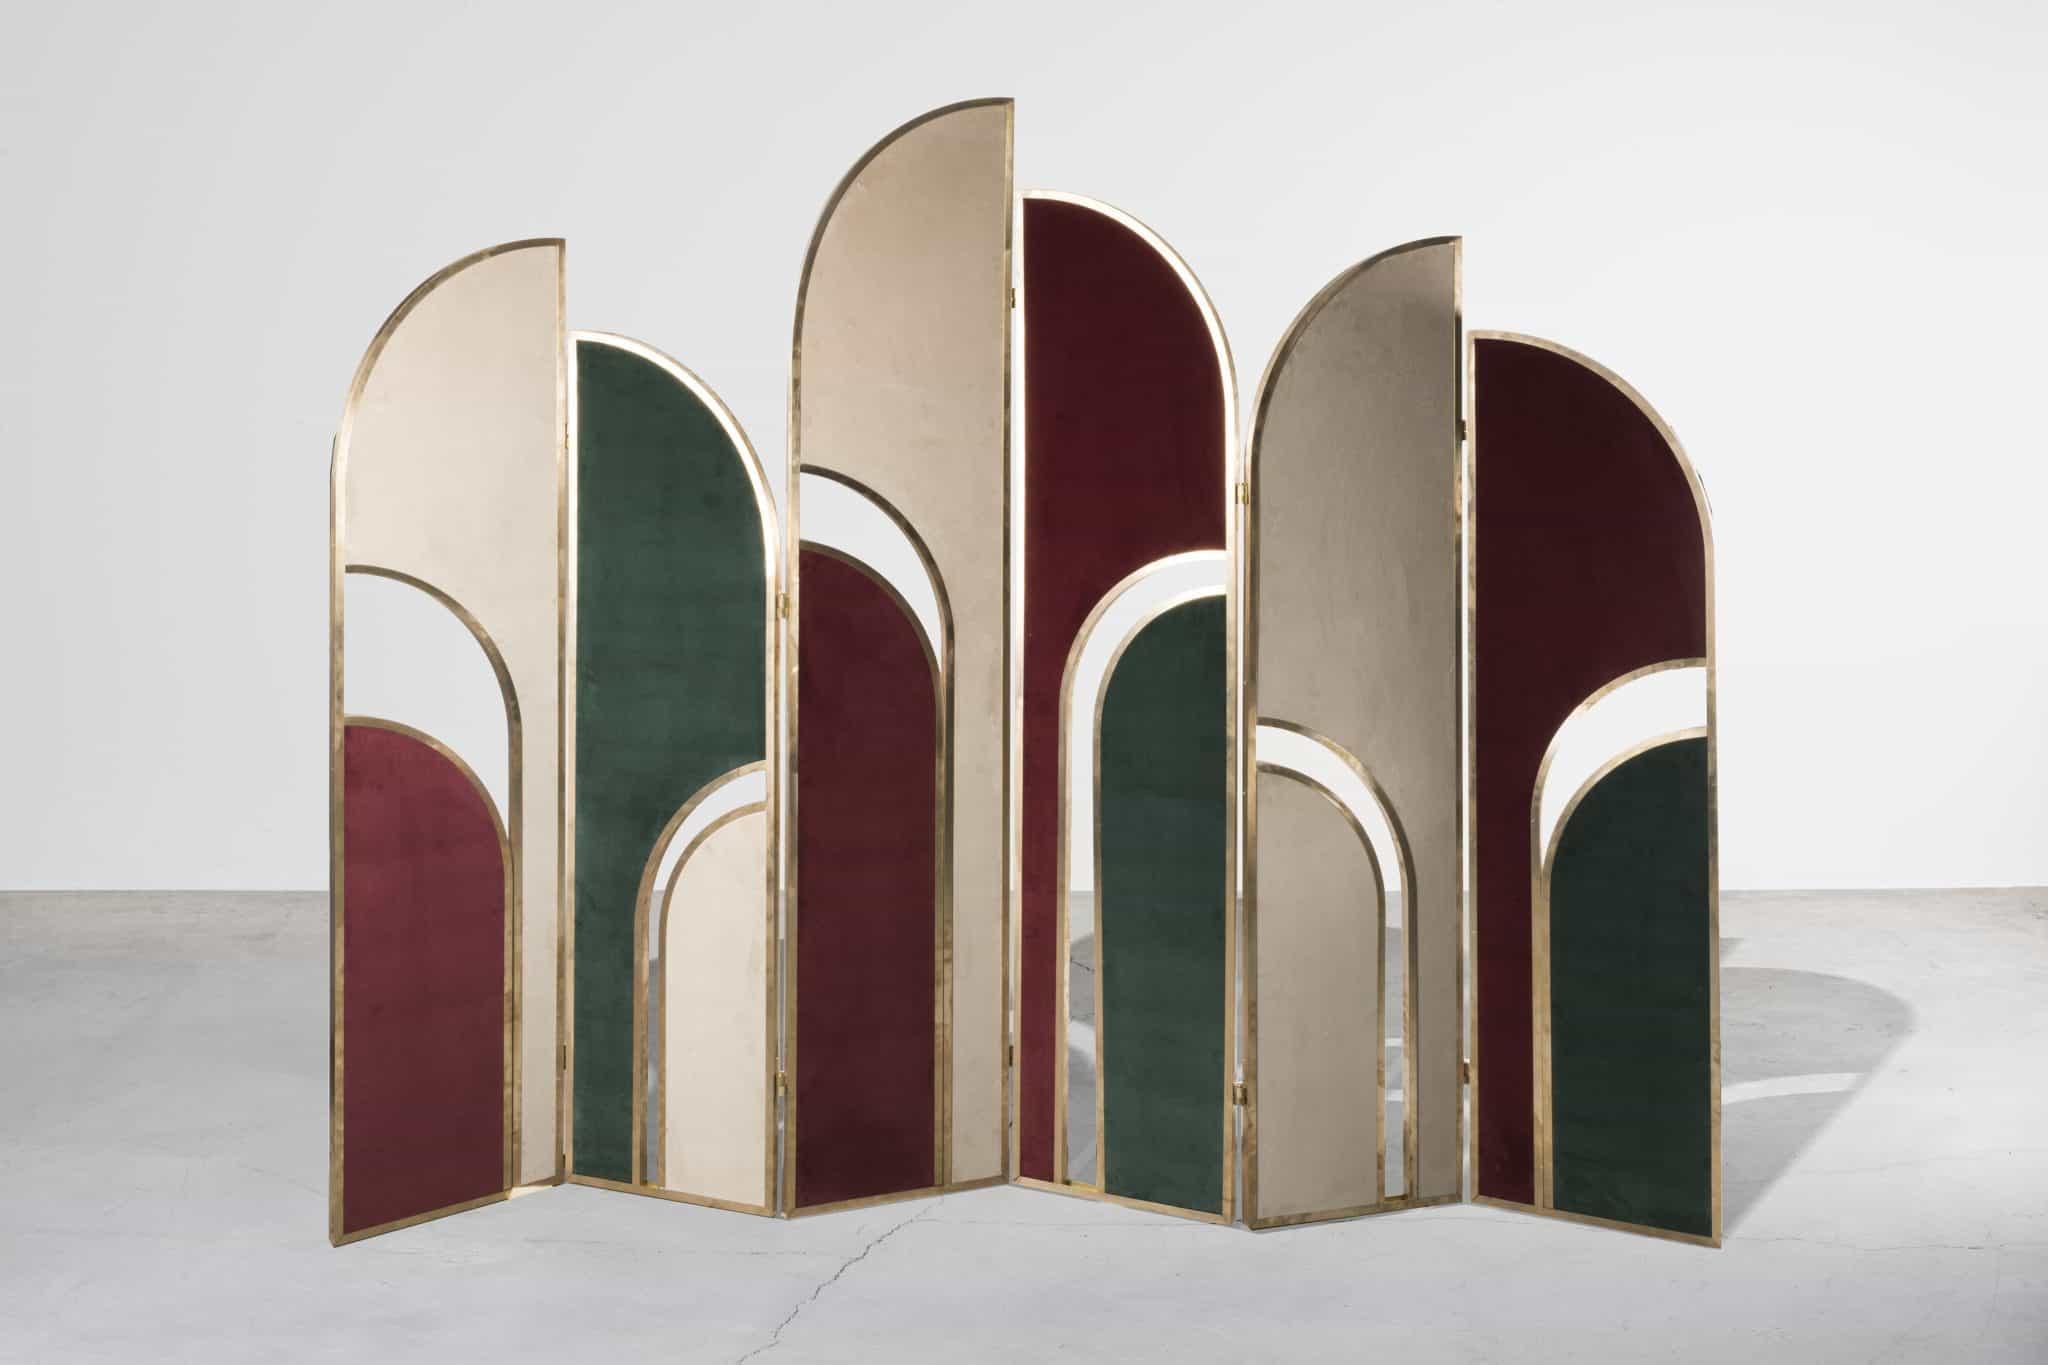 Room divider with brass frame and velvet upholstery by Marsica Fossati for Nilufar Gallery